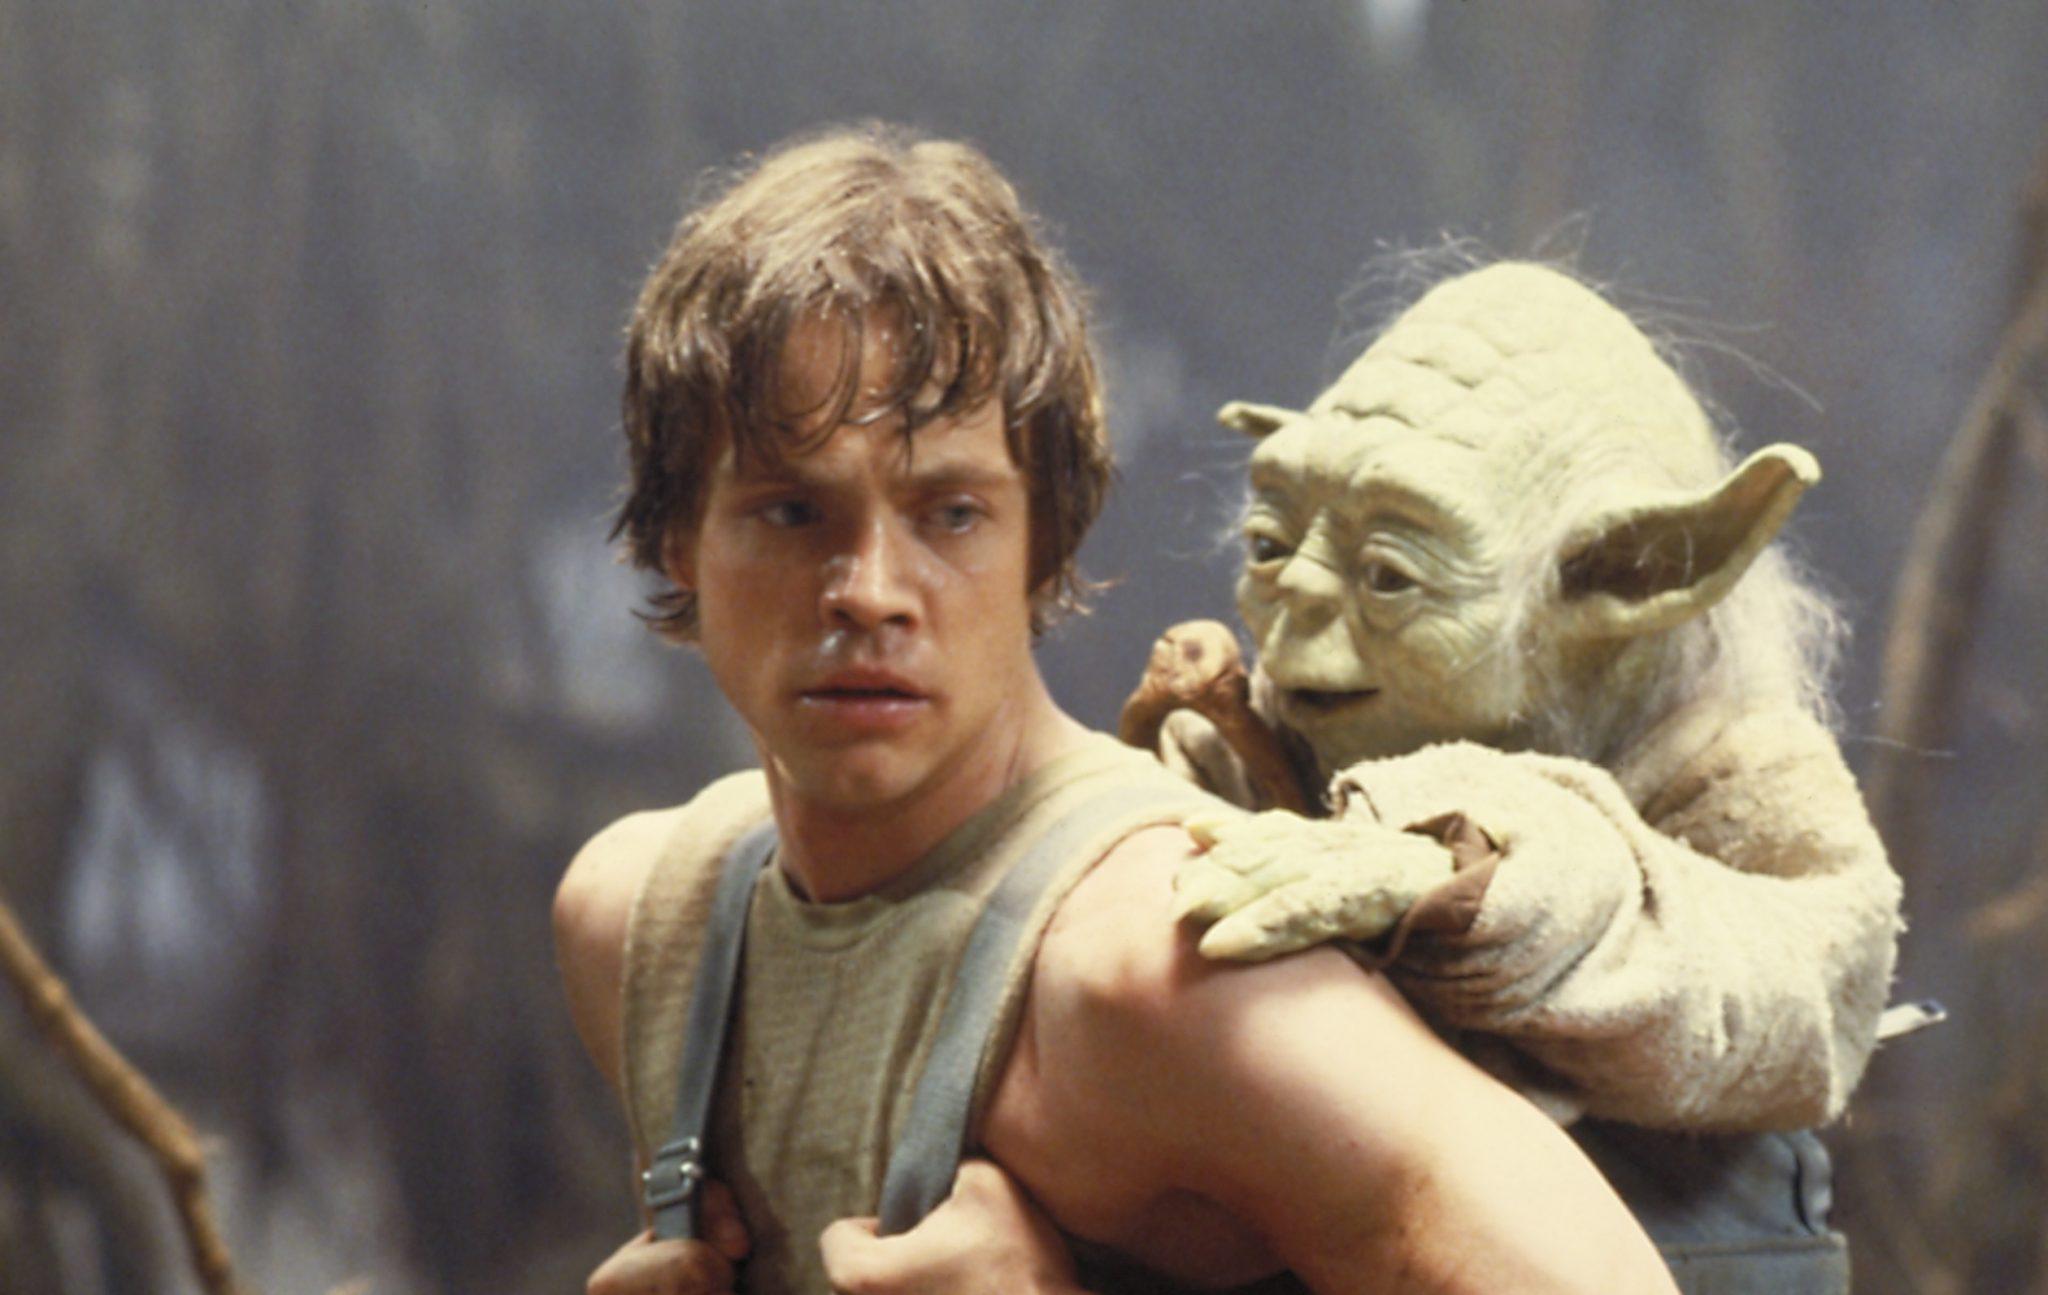 the-empire-strikes-back-luke-skywalker-and-yoda